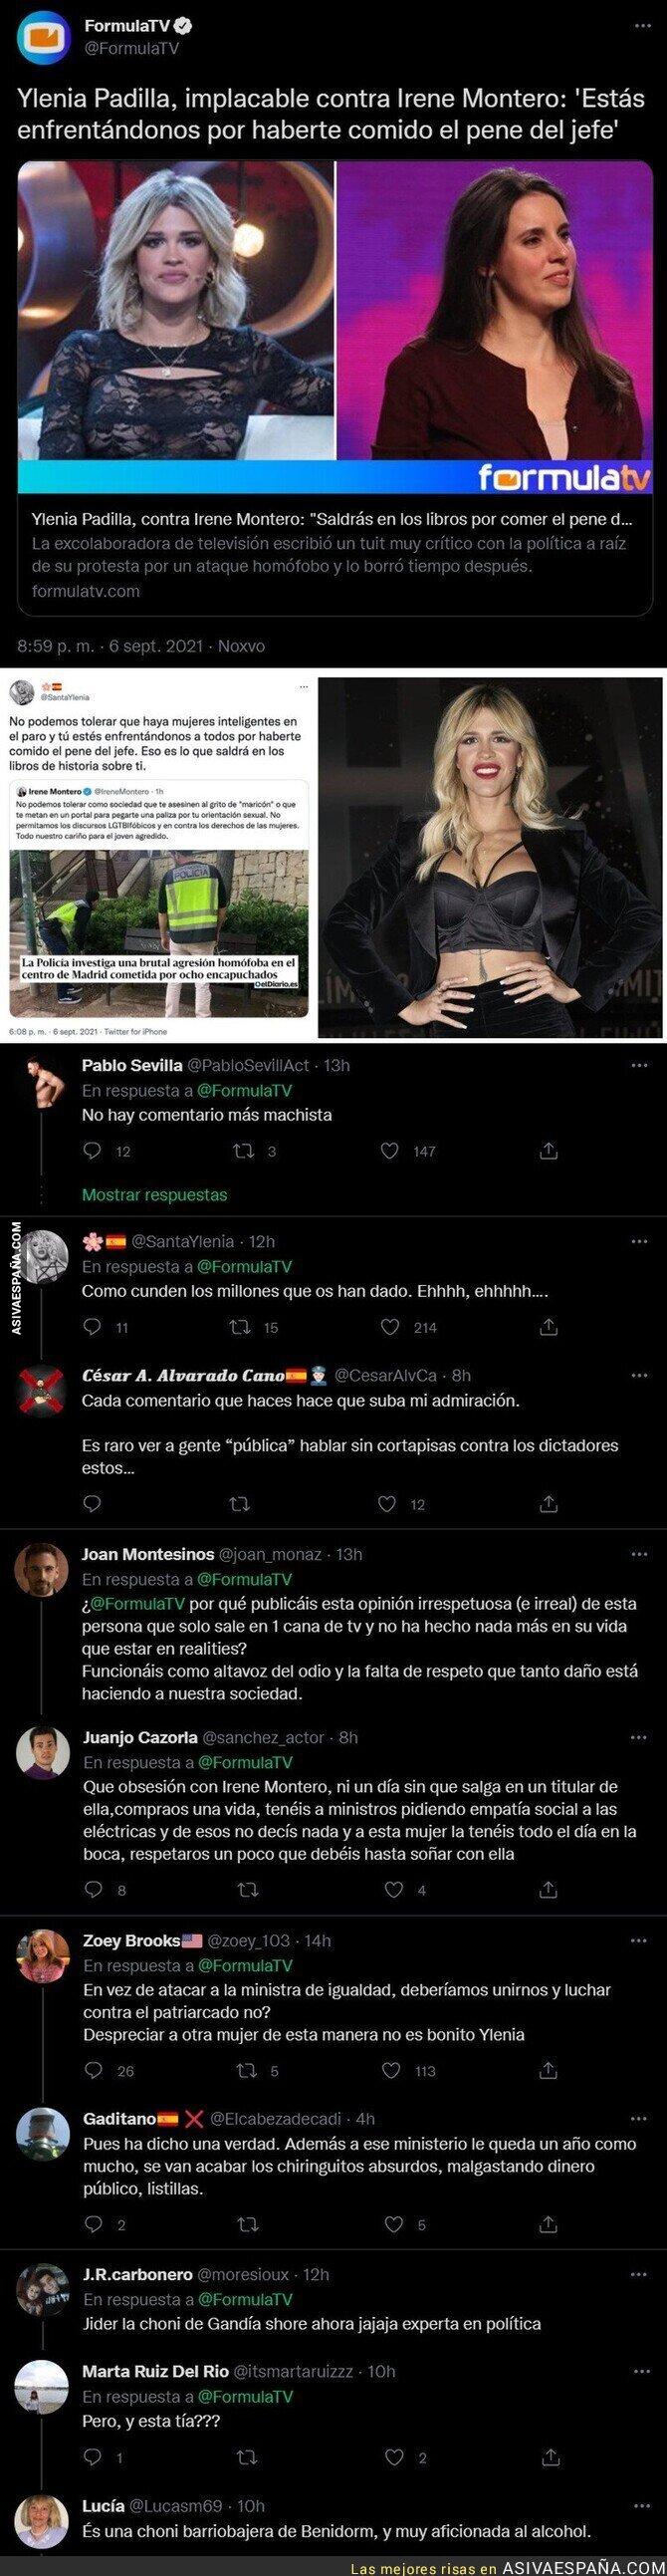 899544 - El polémico mensaje miserable y machista de Ylenia Padilla contra Irene Montero